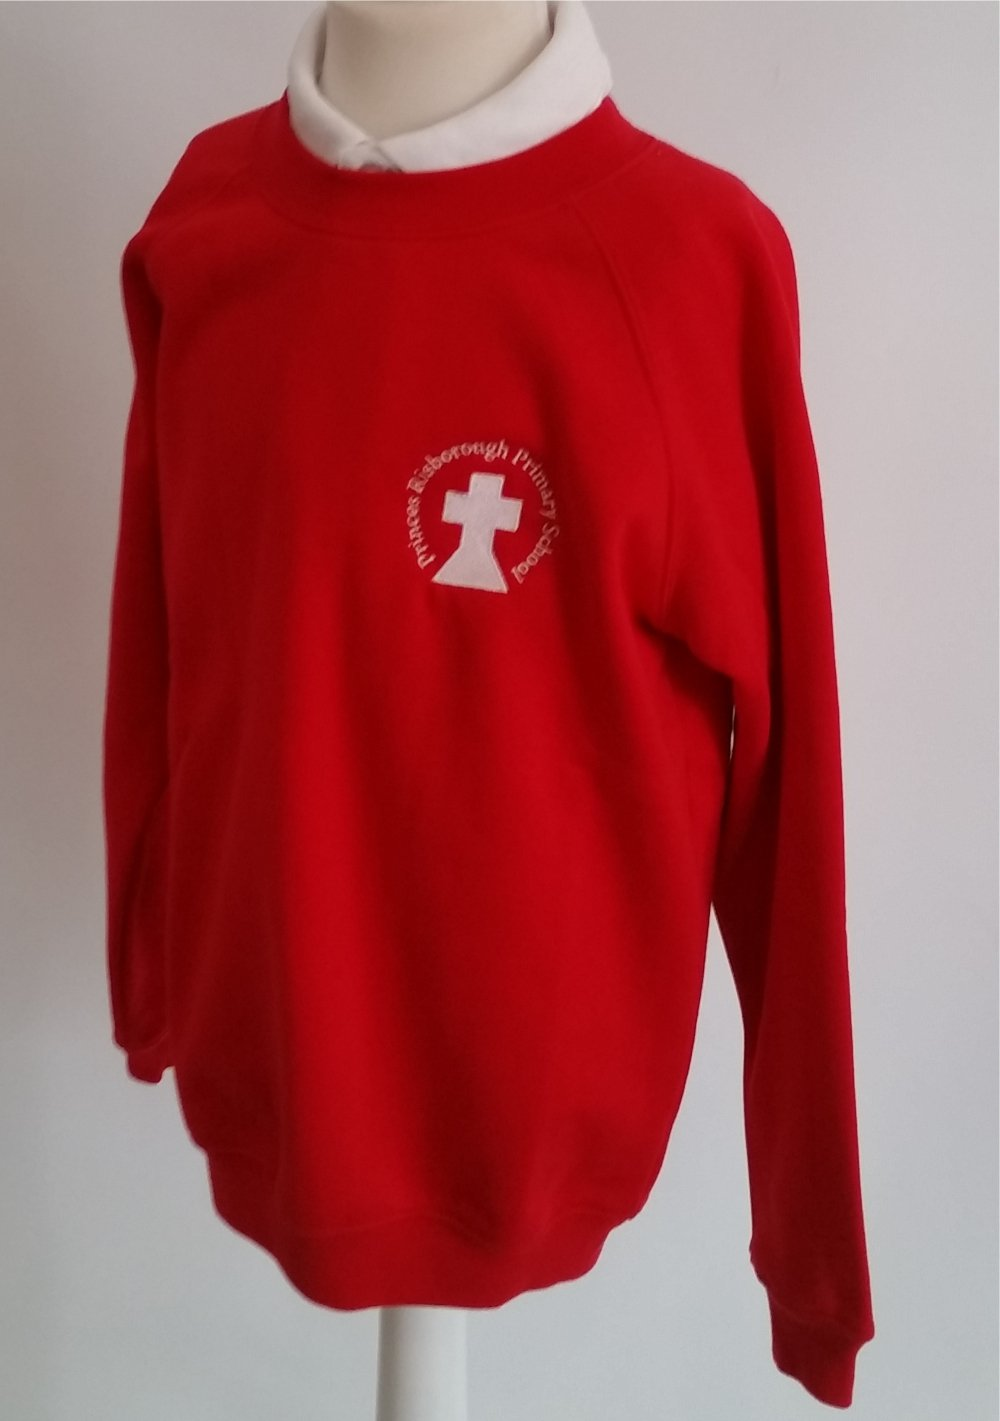 bedste tilbud på varmt salg online butik Princes Risborough - Sweatshirt - Red